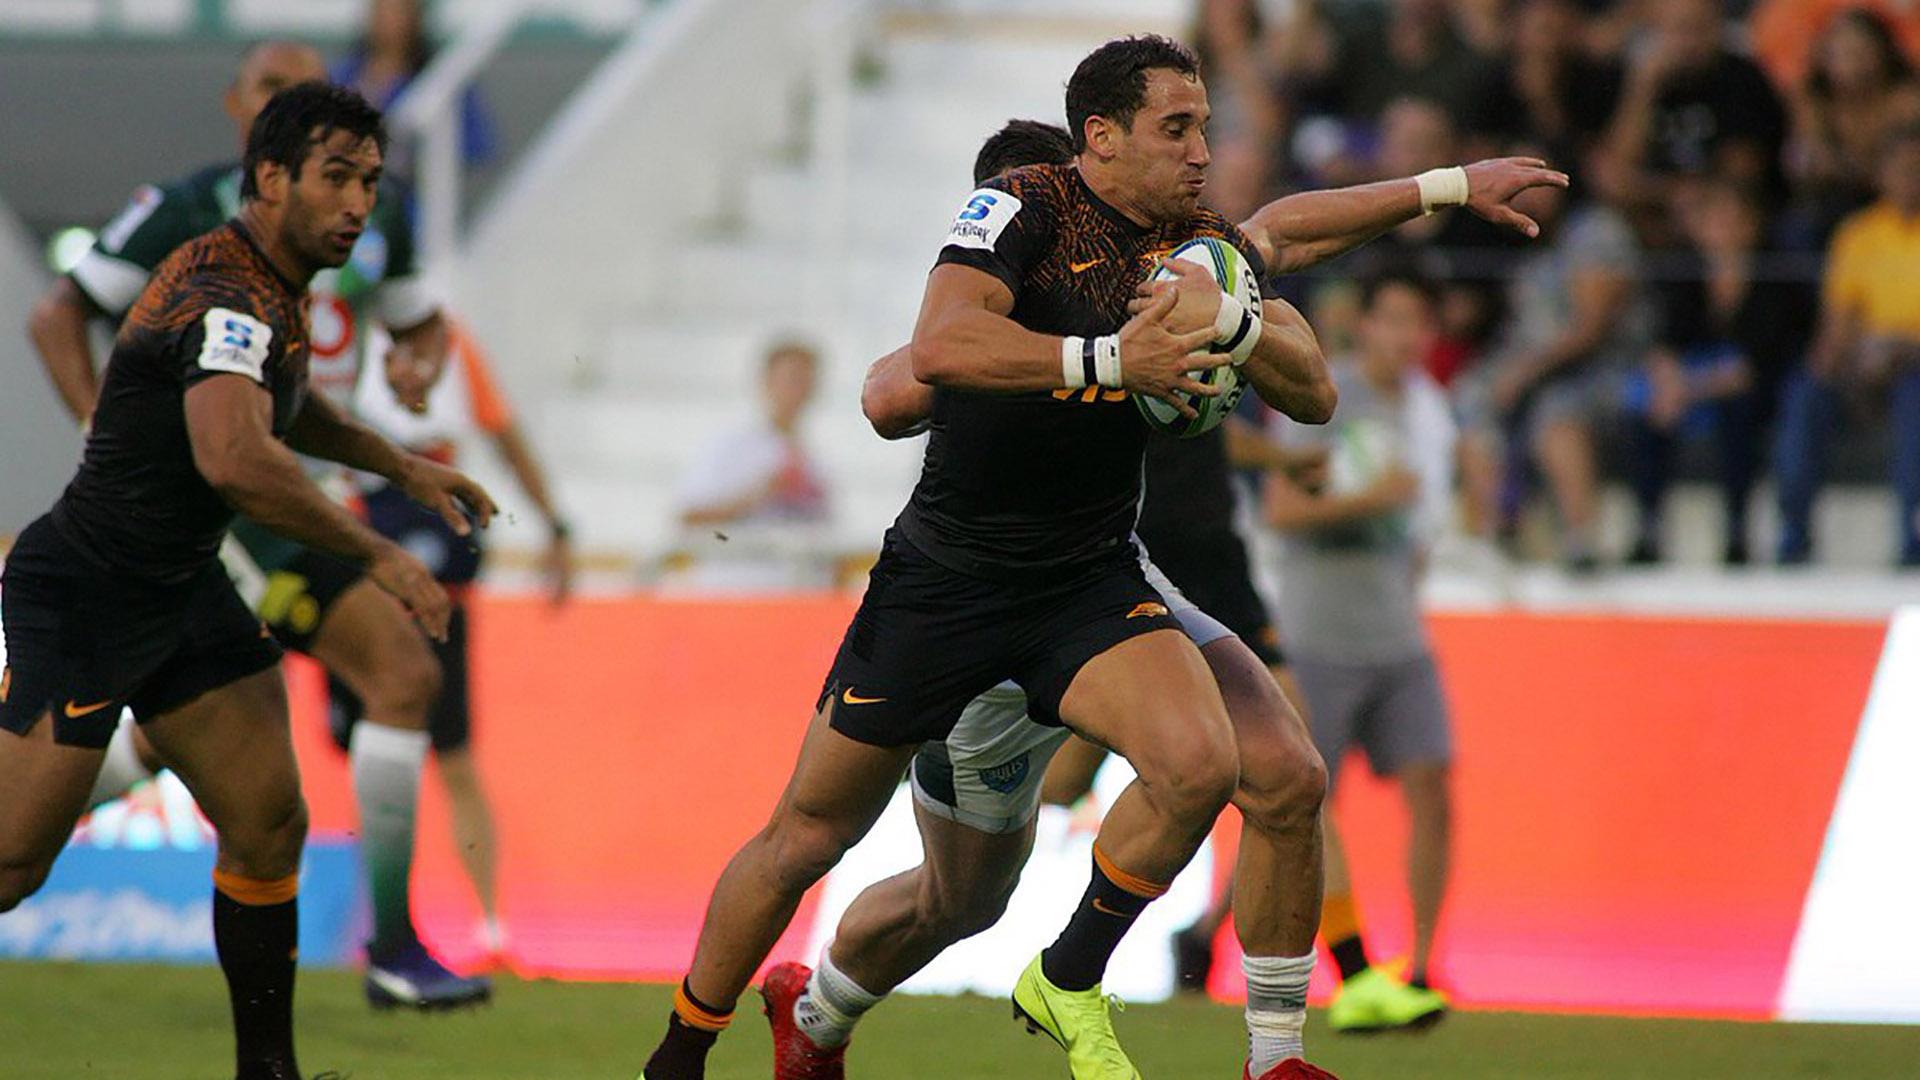 Los Jaguares marchan con dos victorias y una derrota en el inicio del Super Rugby 2019. (@JaguaresARG)